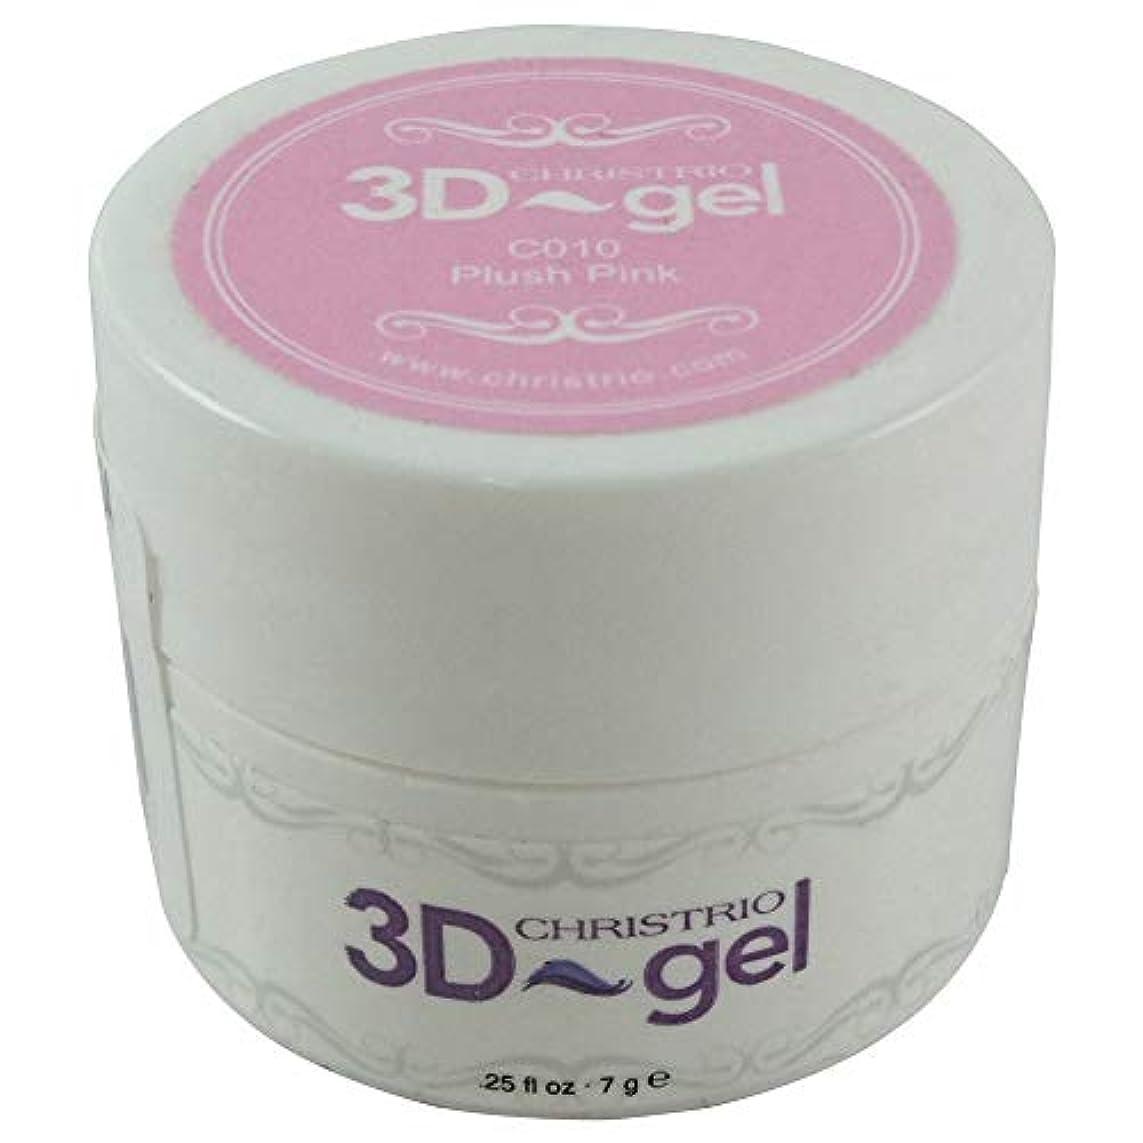 スチュワードシティ海藻CHRISTRIO 3Dジェル 7g C010 プラッシュピンク